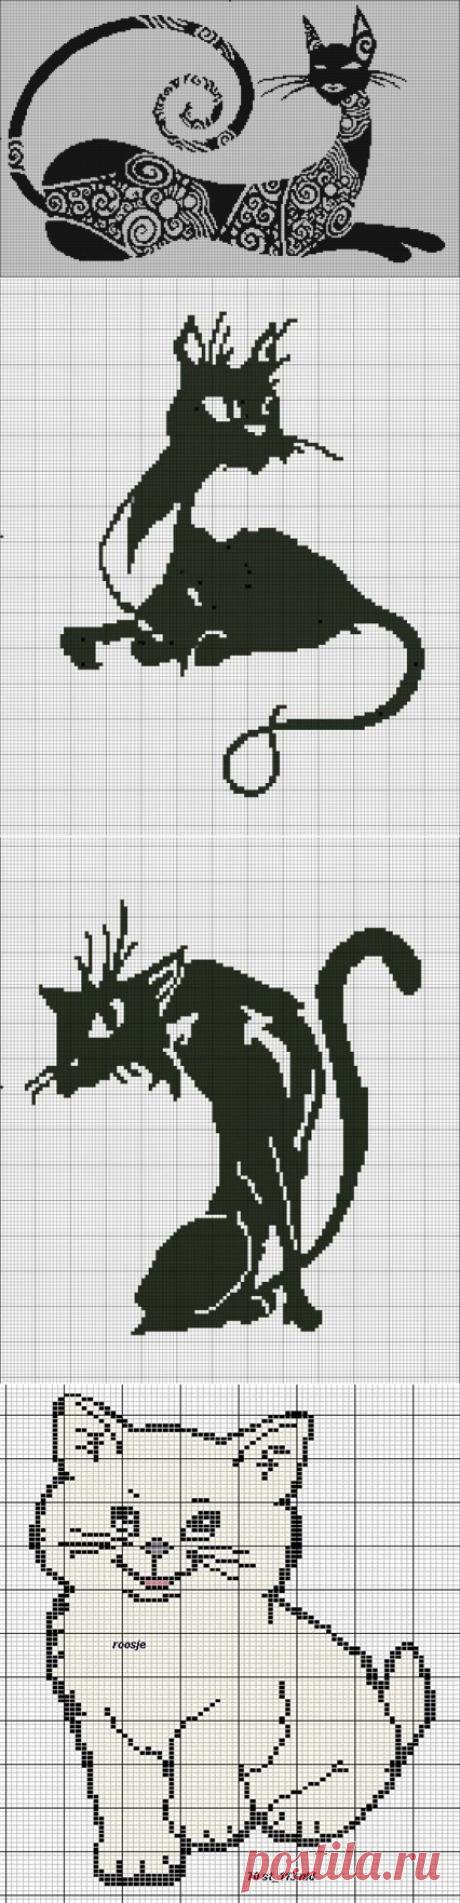 Коты.Схемы для вышивки- монохром или филейного вязания.